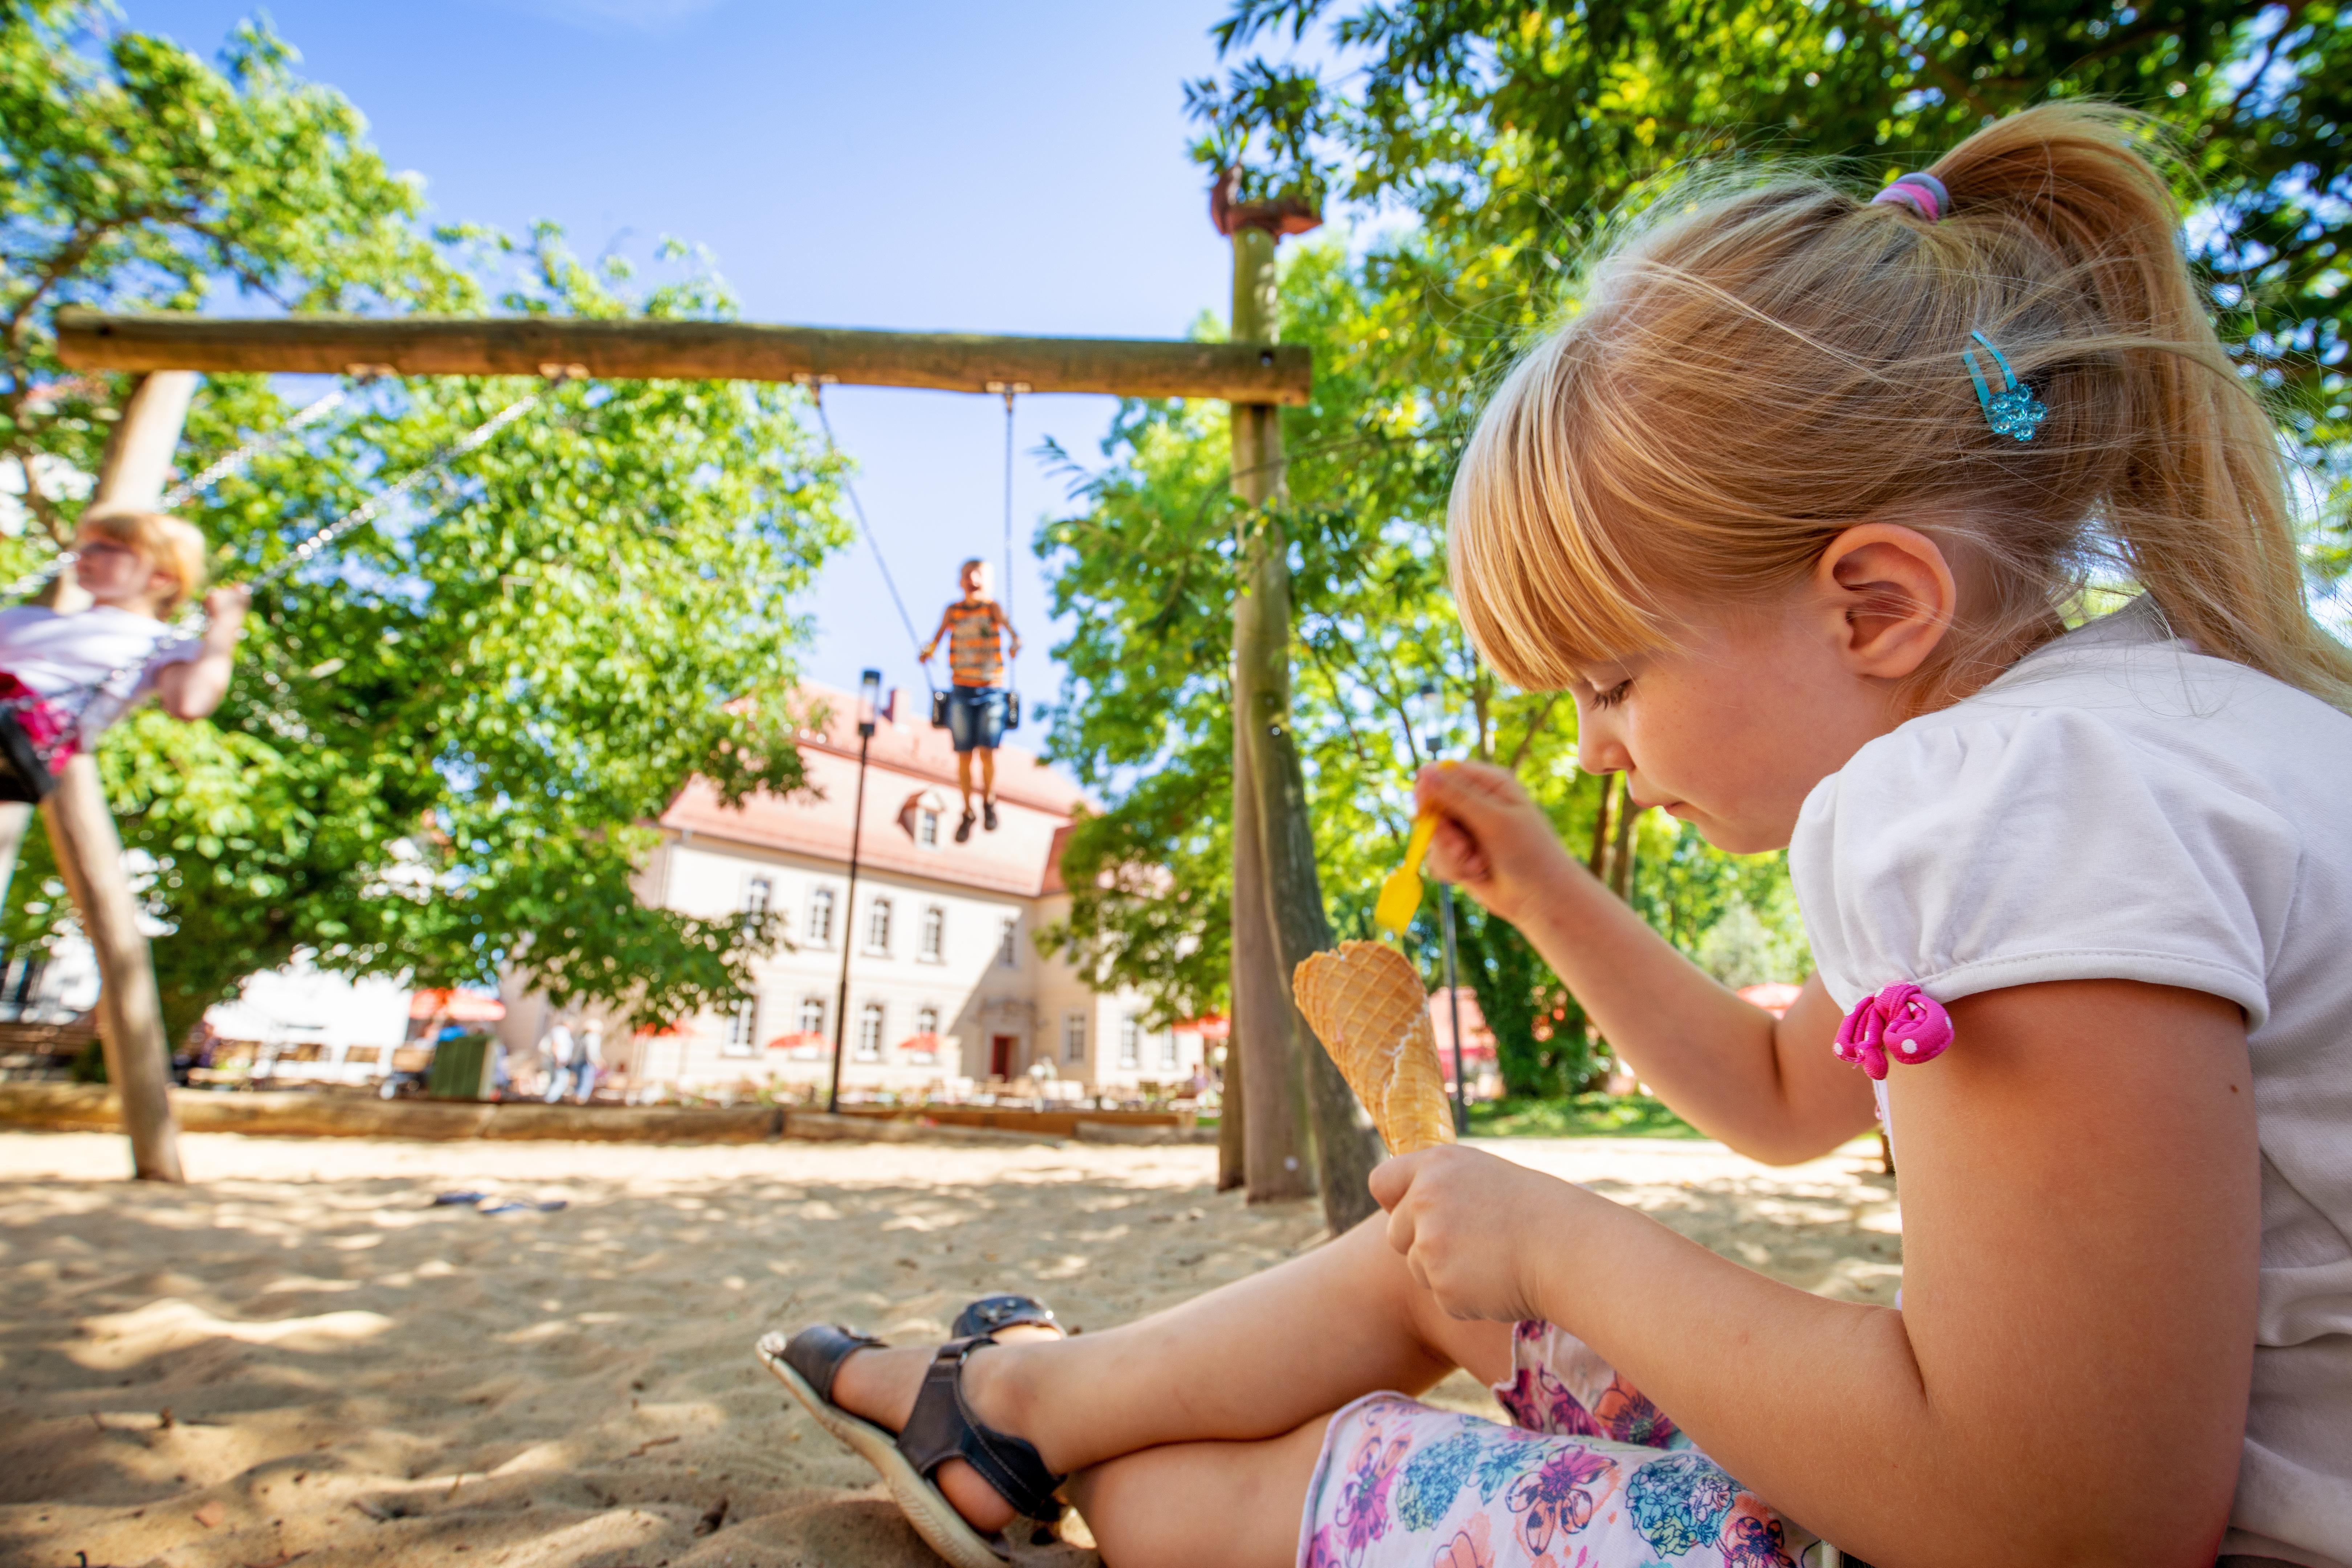 Kind mit Eis auf dem Spielplatz, Loburg